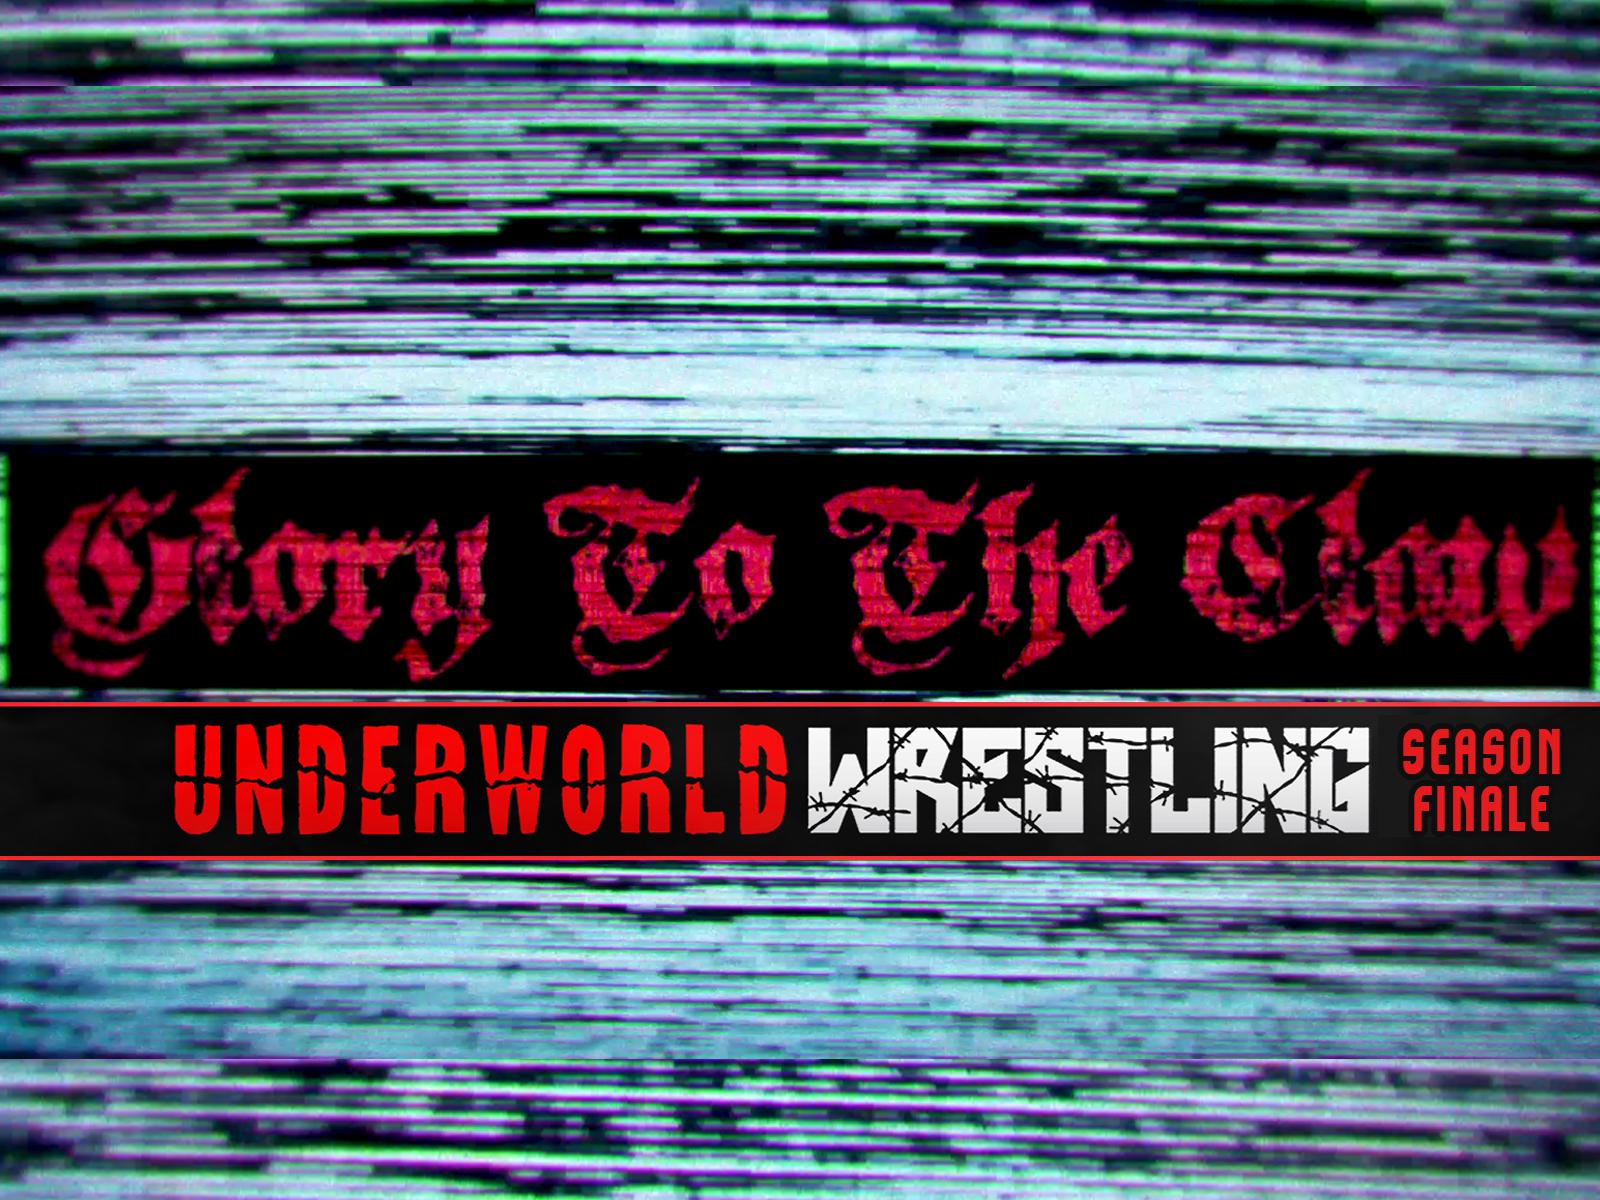 UW Episode 7